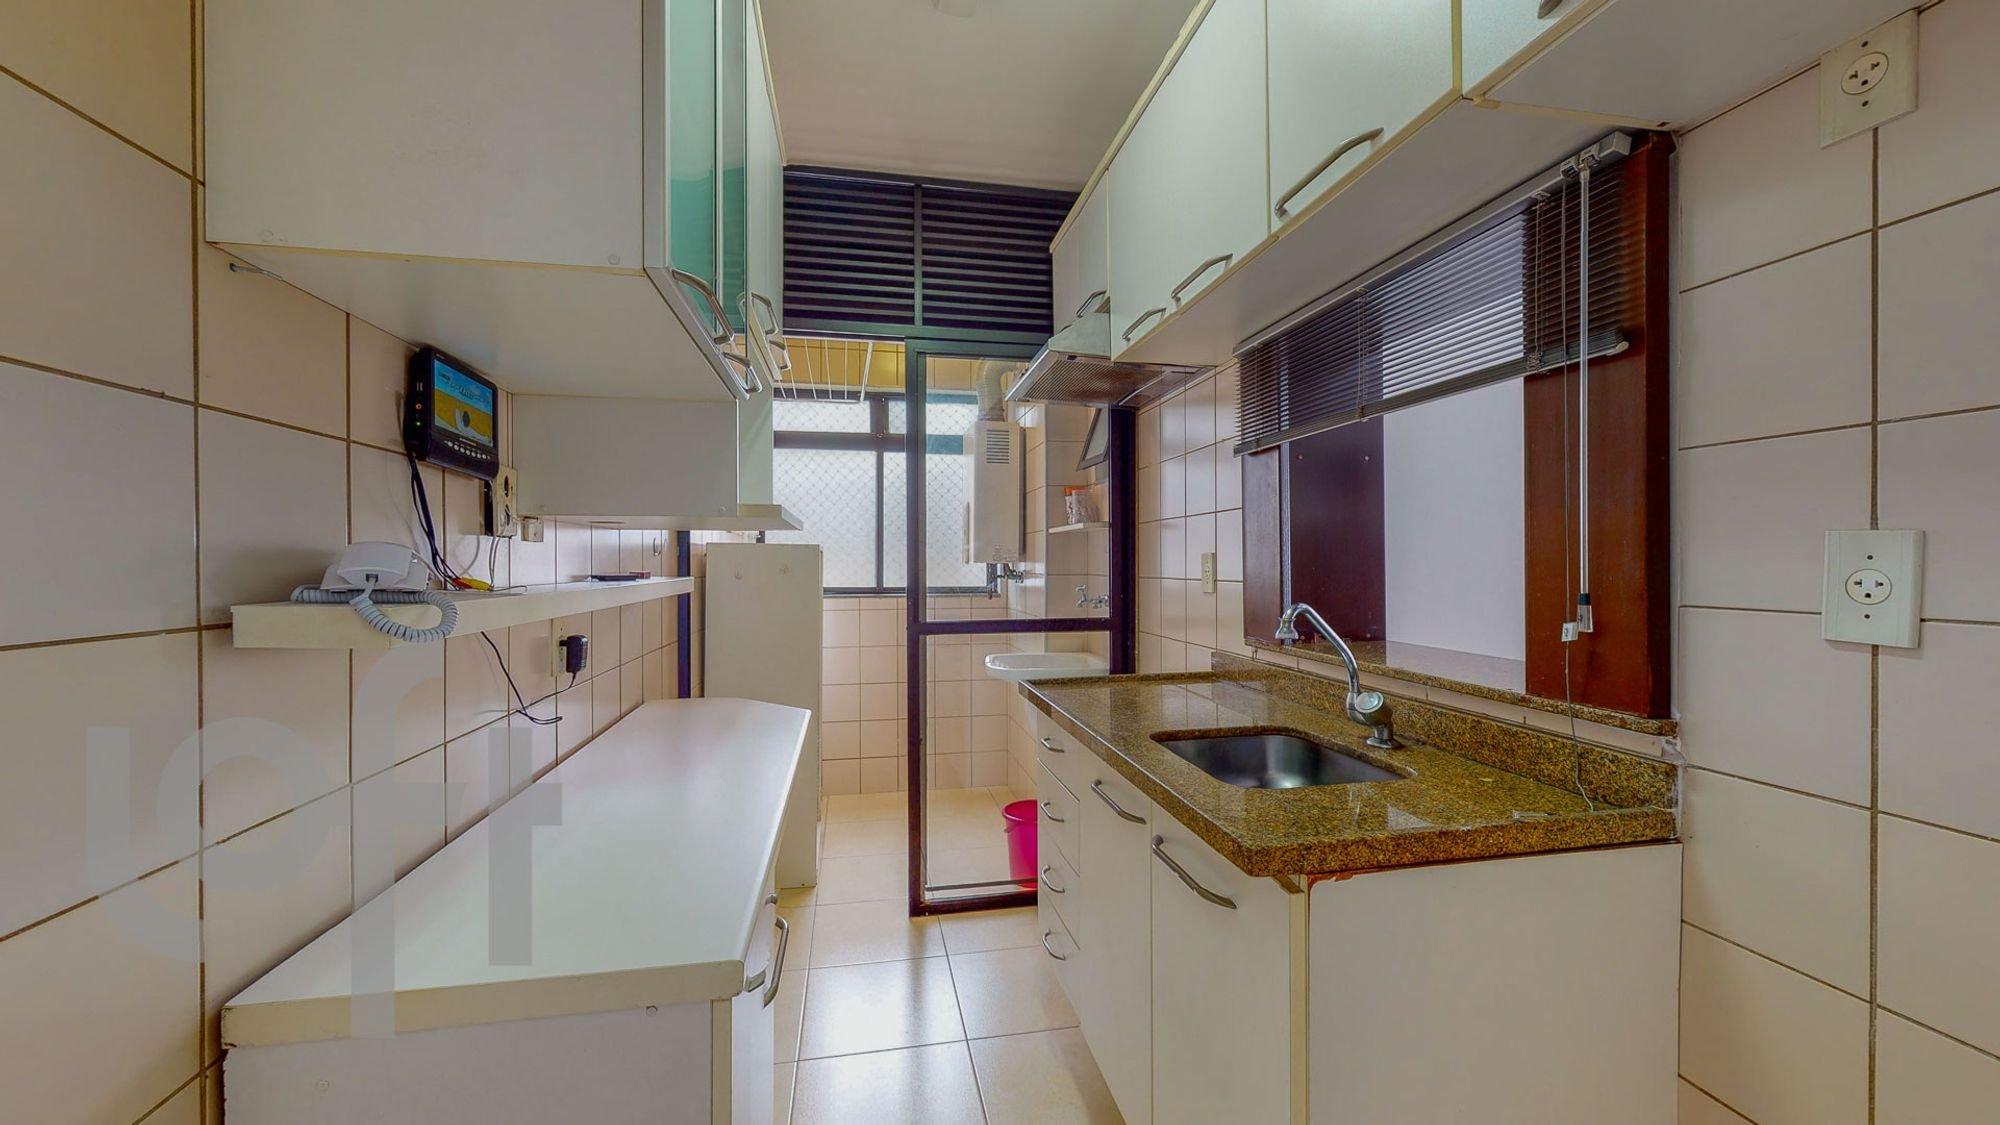 Foto de Cozinha com televisão, pia